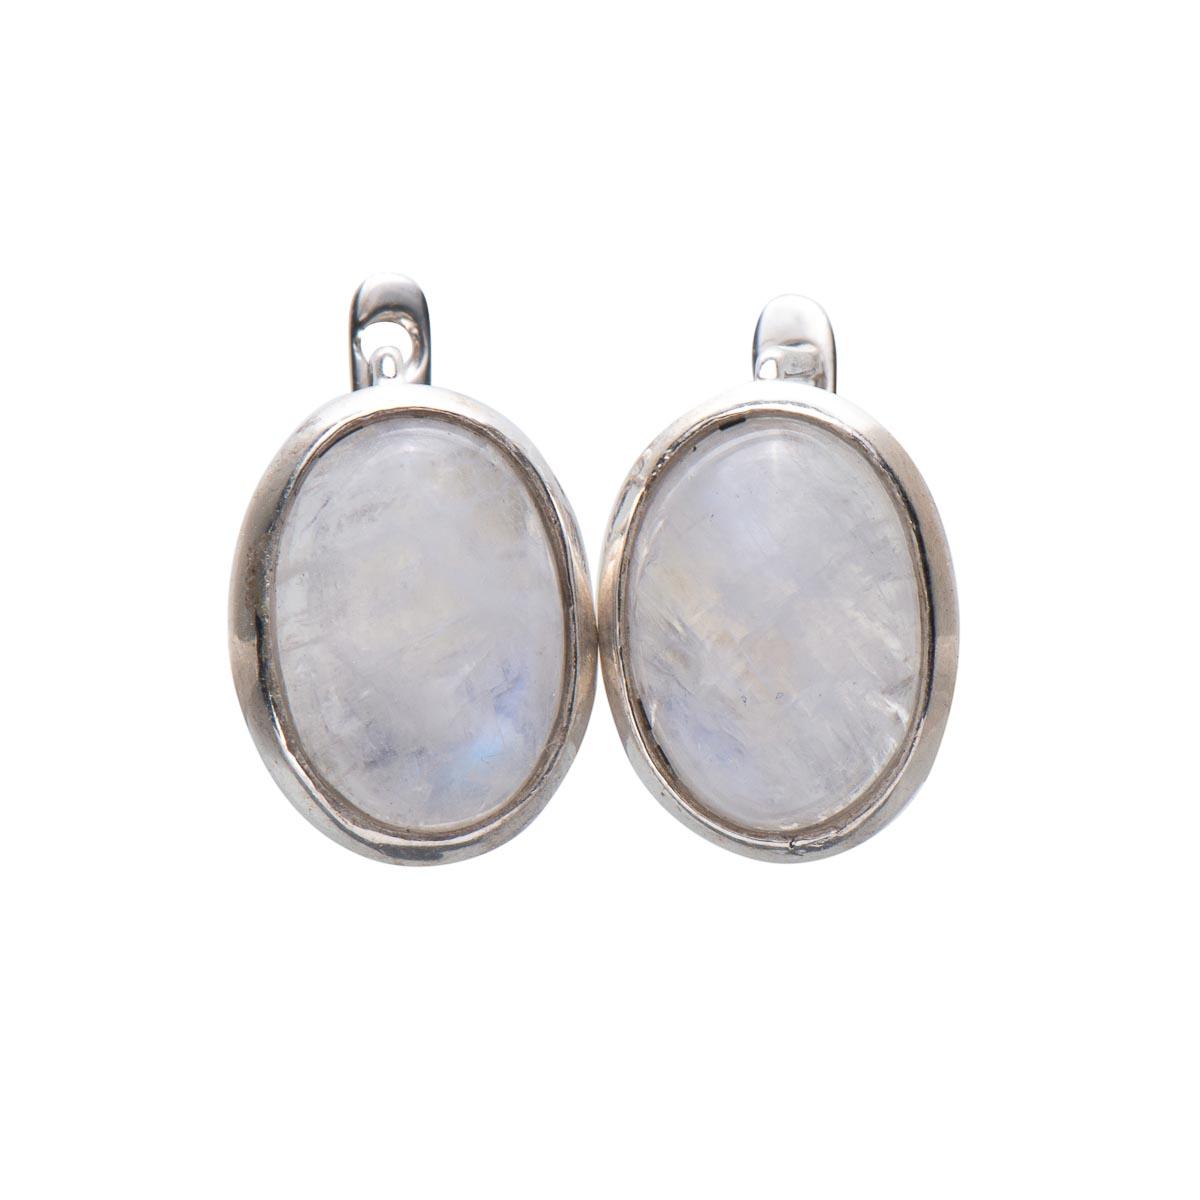 Серьги с натуральным адуляром (лунный камень) из серебра